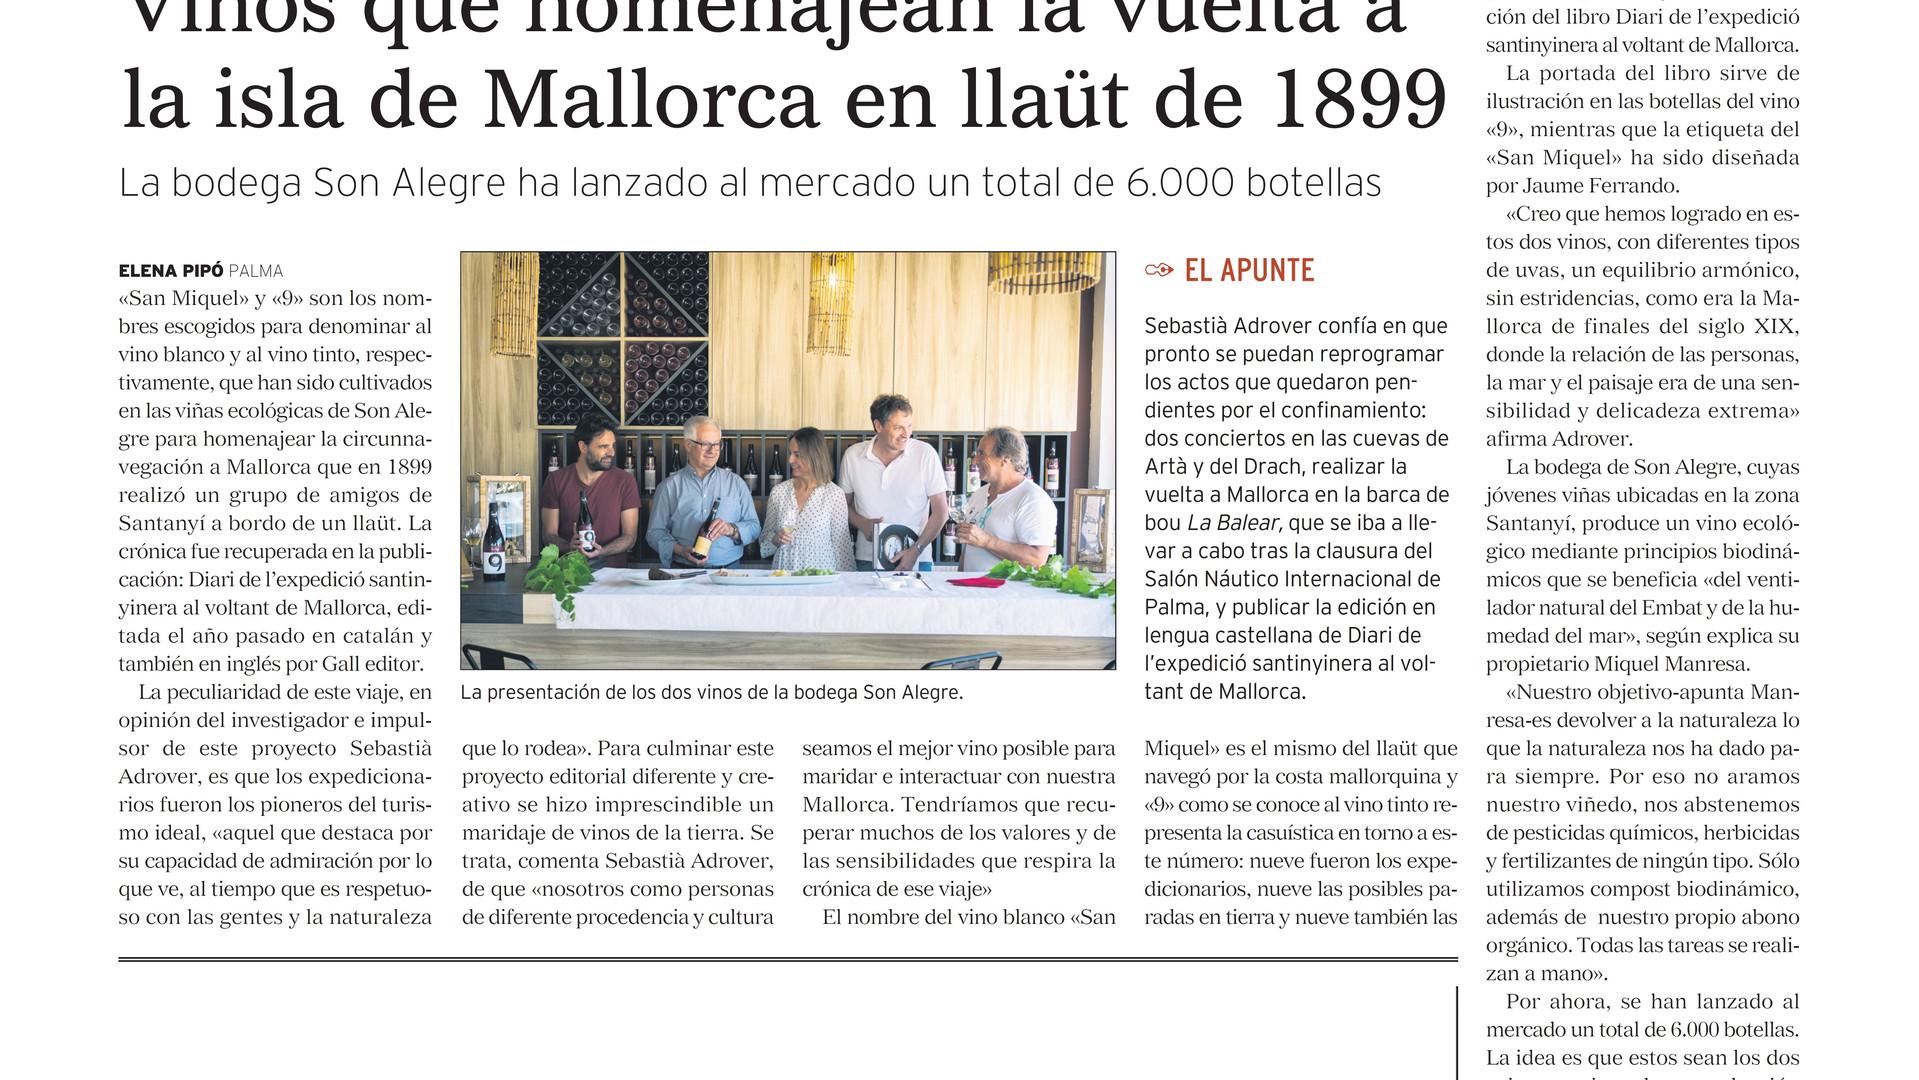 """""""Gaceta Náutica"""" es fa ressò dels vins que homenatgen a 9.  Gràcies Elena Pipó."""